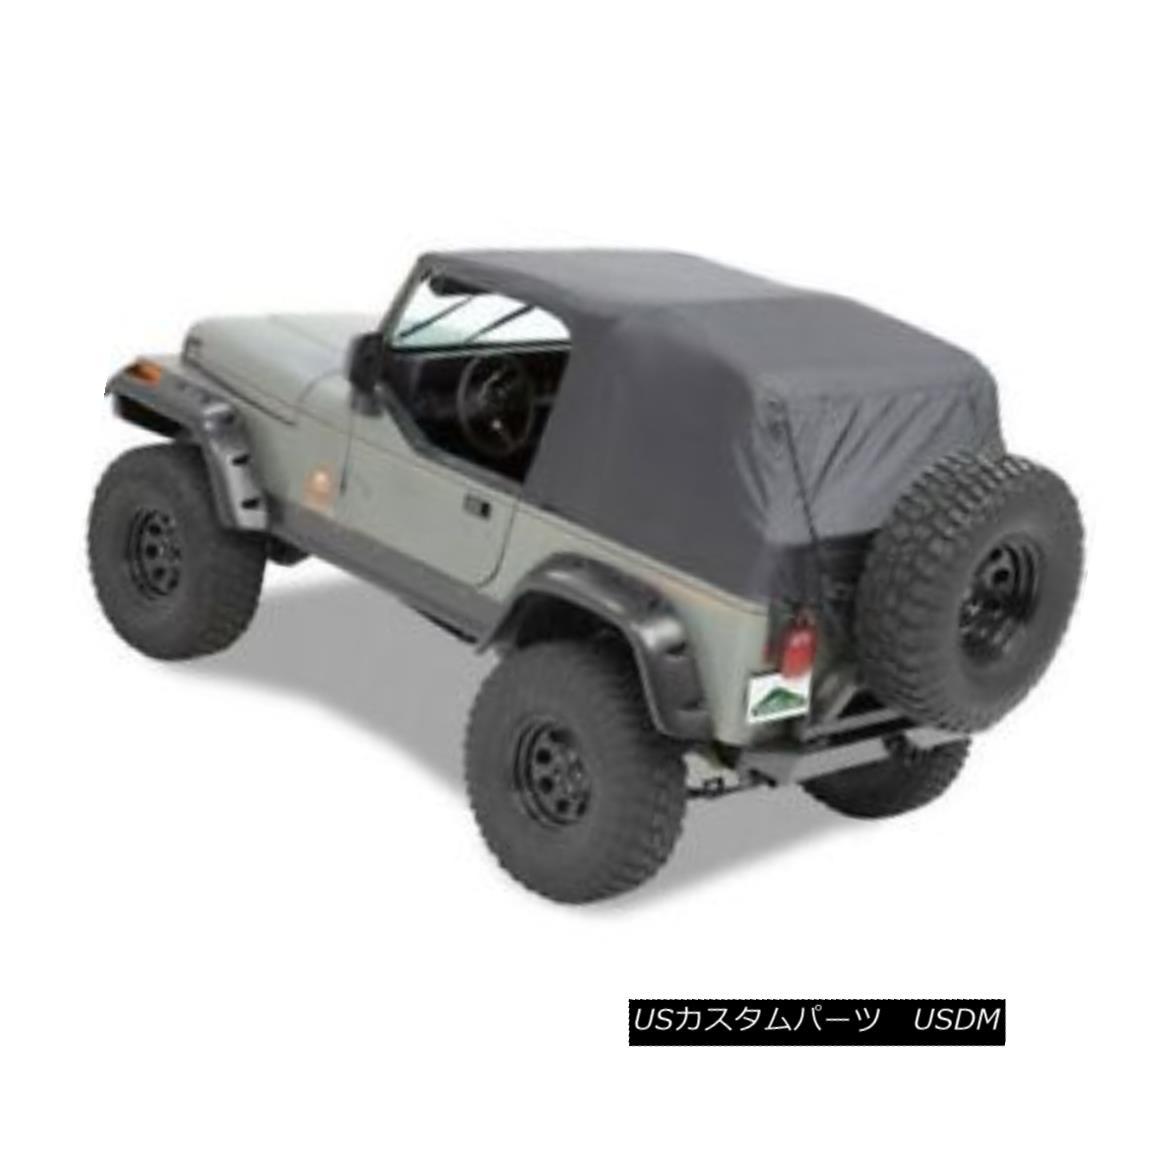 幌・ソフトトップ Pavement Ends 56811-01 Emergency Jeep Soft Top (Black) For 92-95 Wrangler 舗装端56811-01緊急ジープソフトトップ(ブラック)92-95ラングラー用